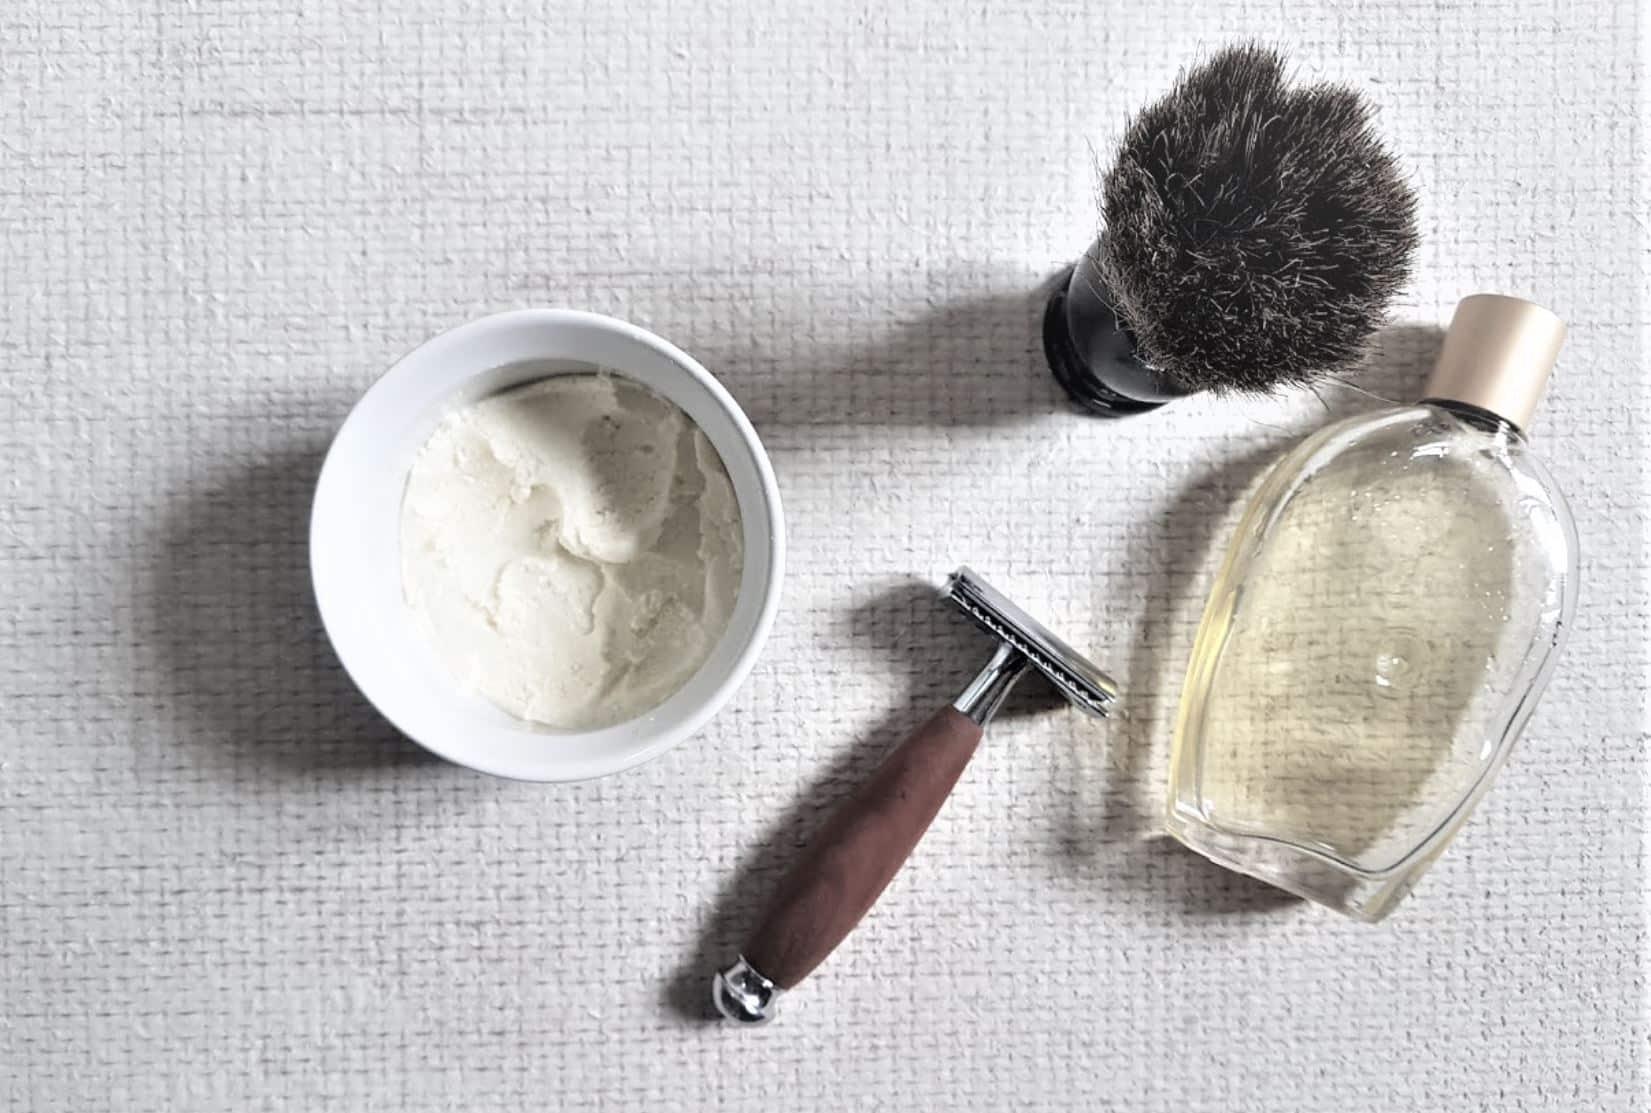 mousse baume a raser crème zéro déchet